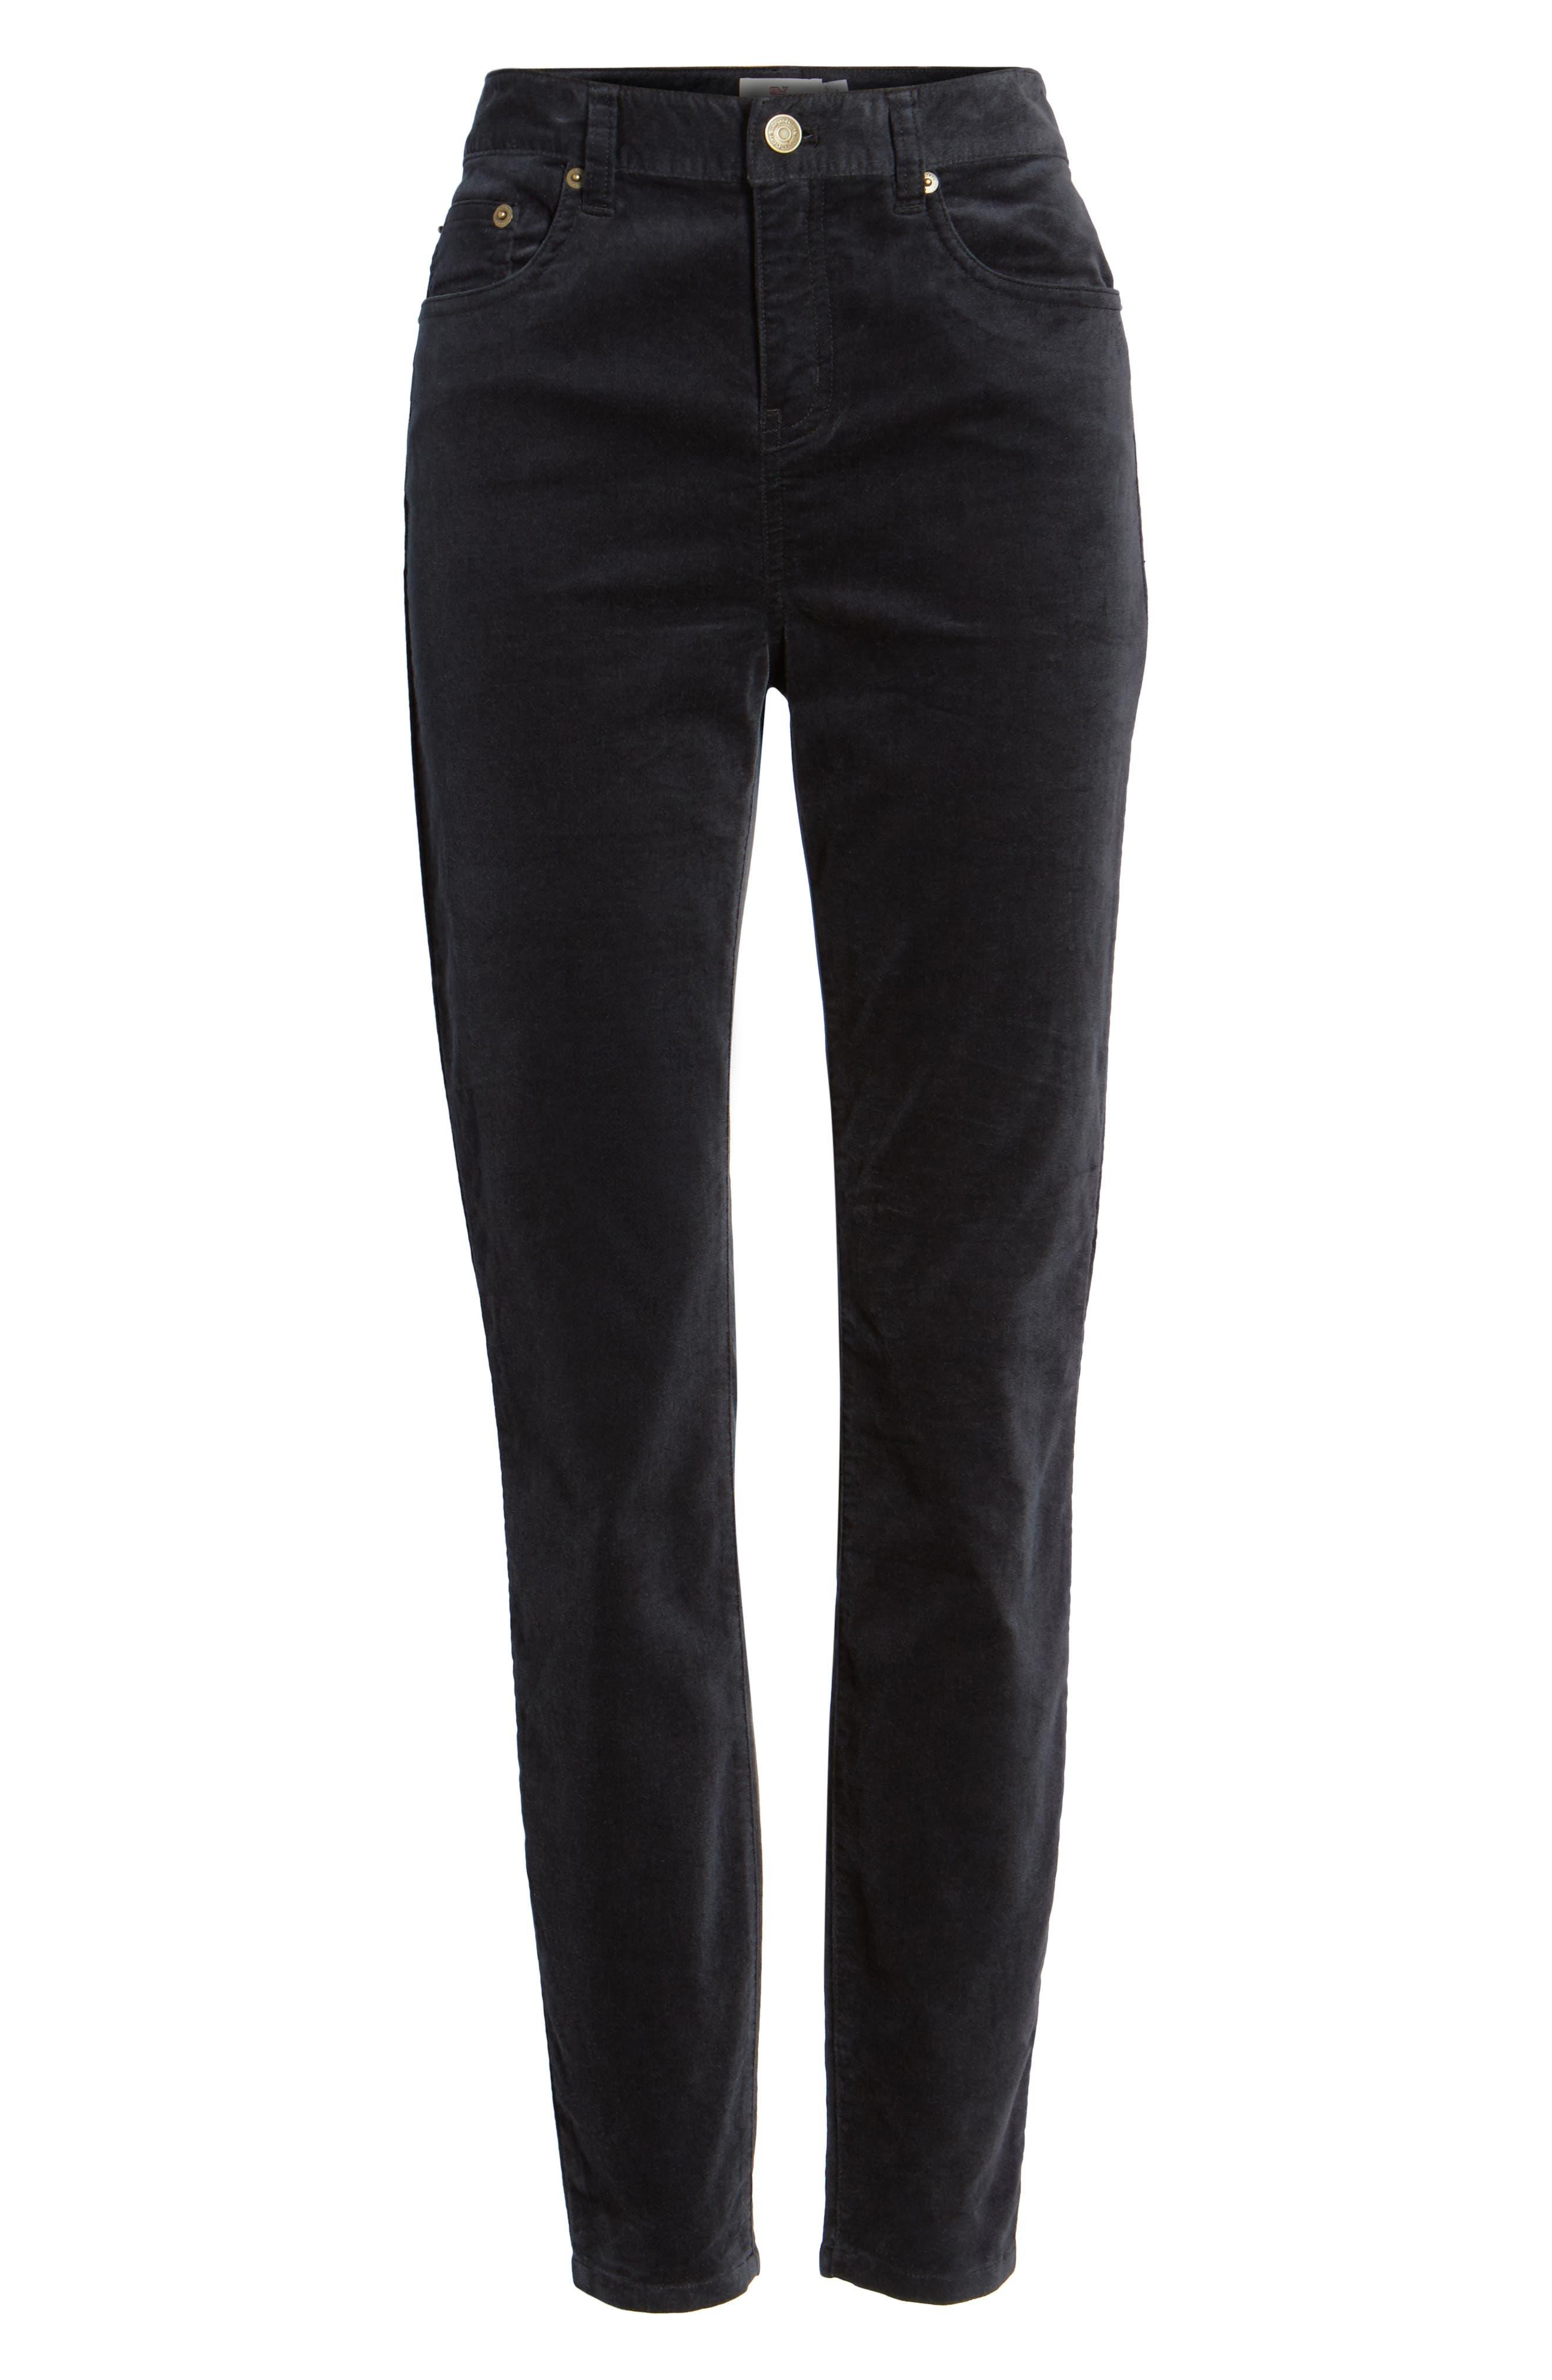 Velvet Skinny Jeans,                             Alternate thumbnail 6, color,                             002